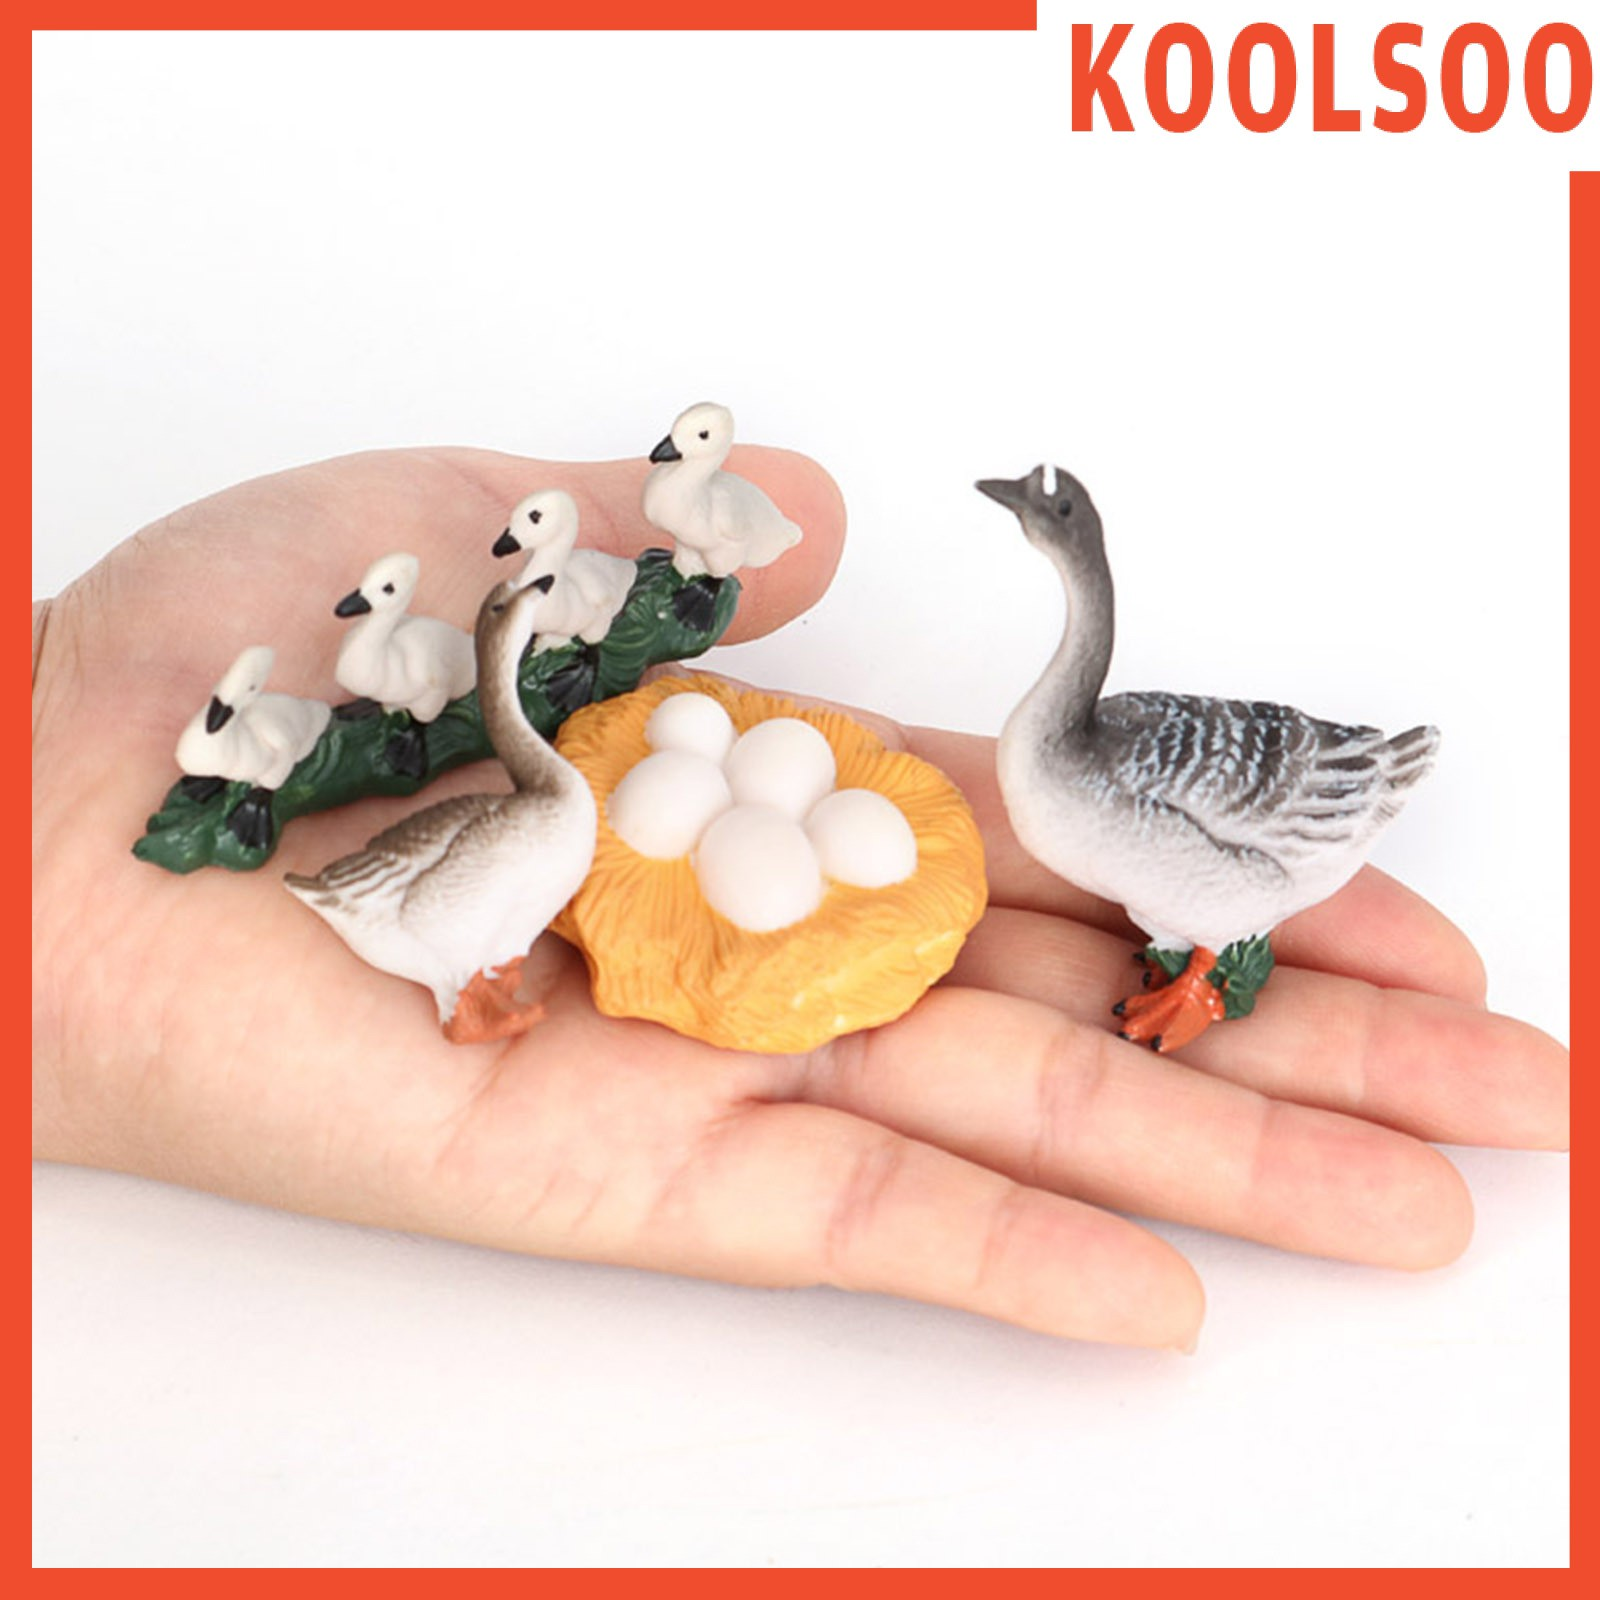 [KOOLSOO] Plastic Lifelike Goose Growth Cycle Model Life Cycle Animal Model Kids Toys